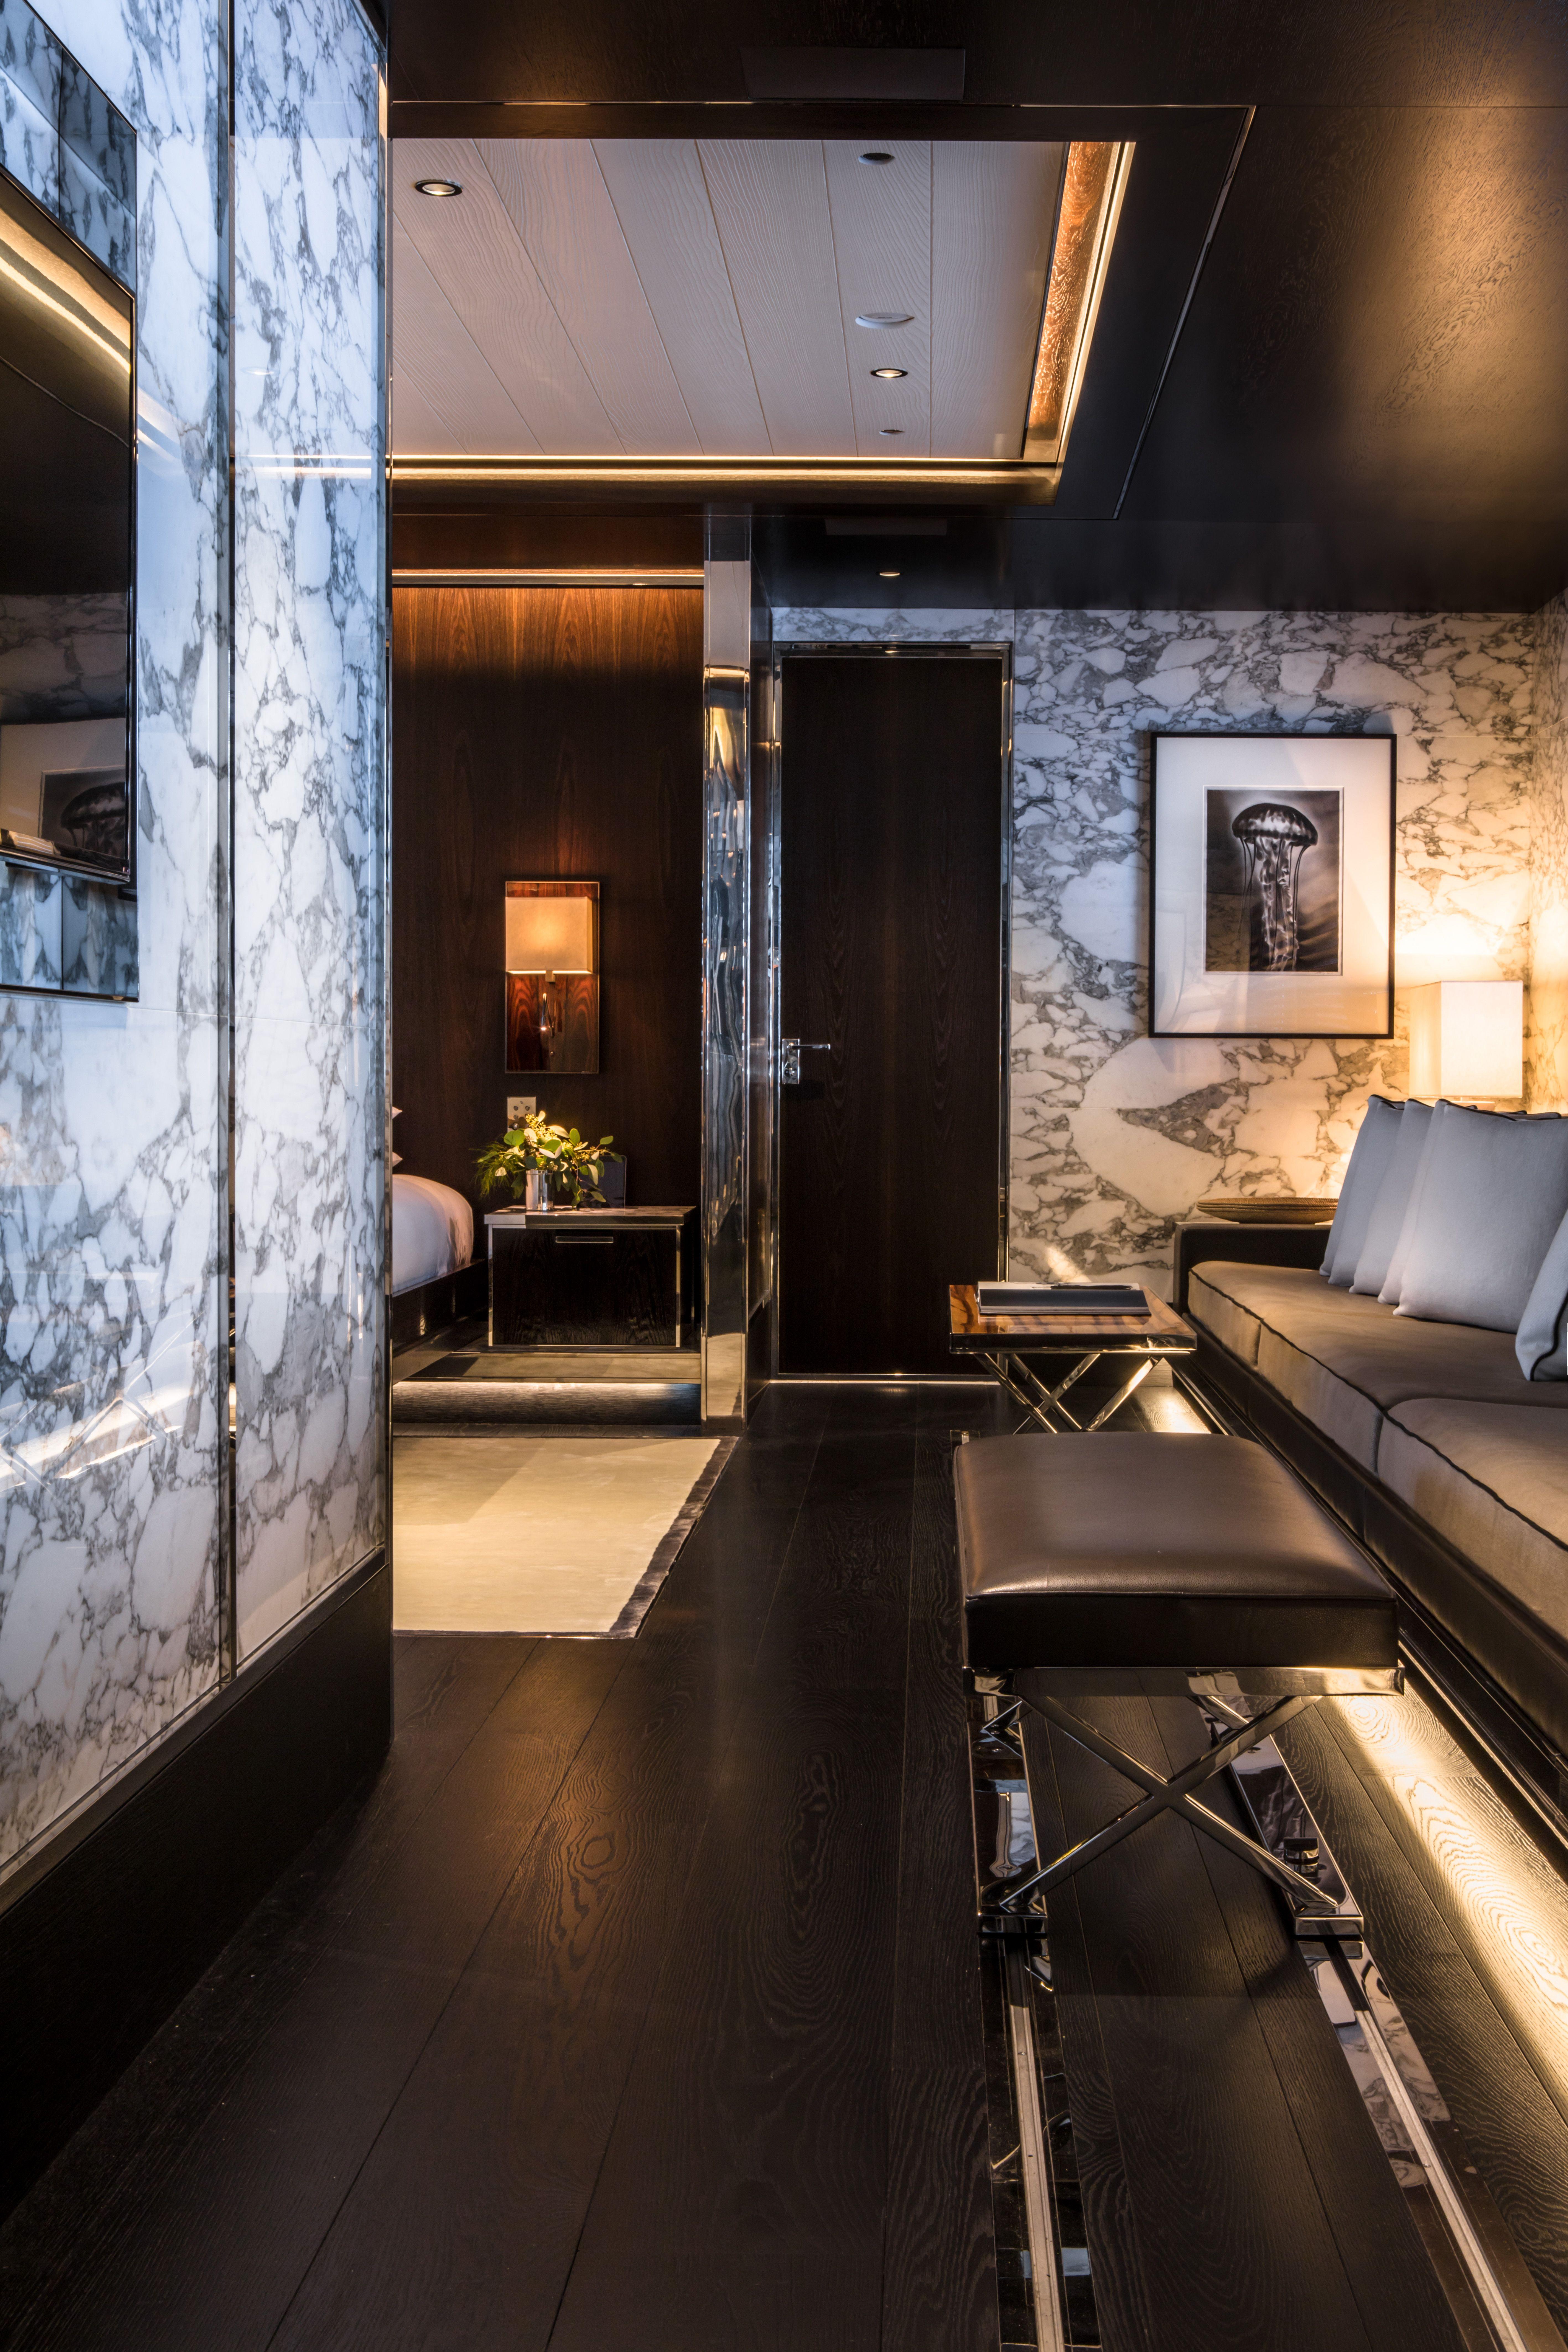 Ferienhaus innenarchitektur crn my m atlante ownerus suite  yachts  pinterest